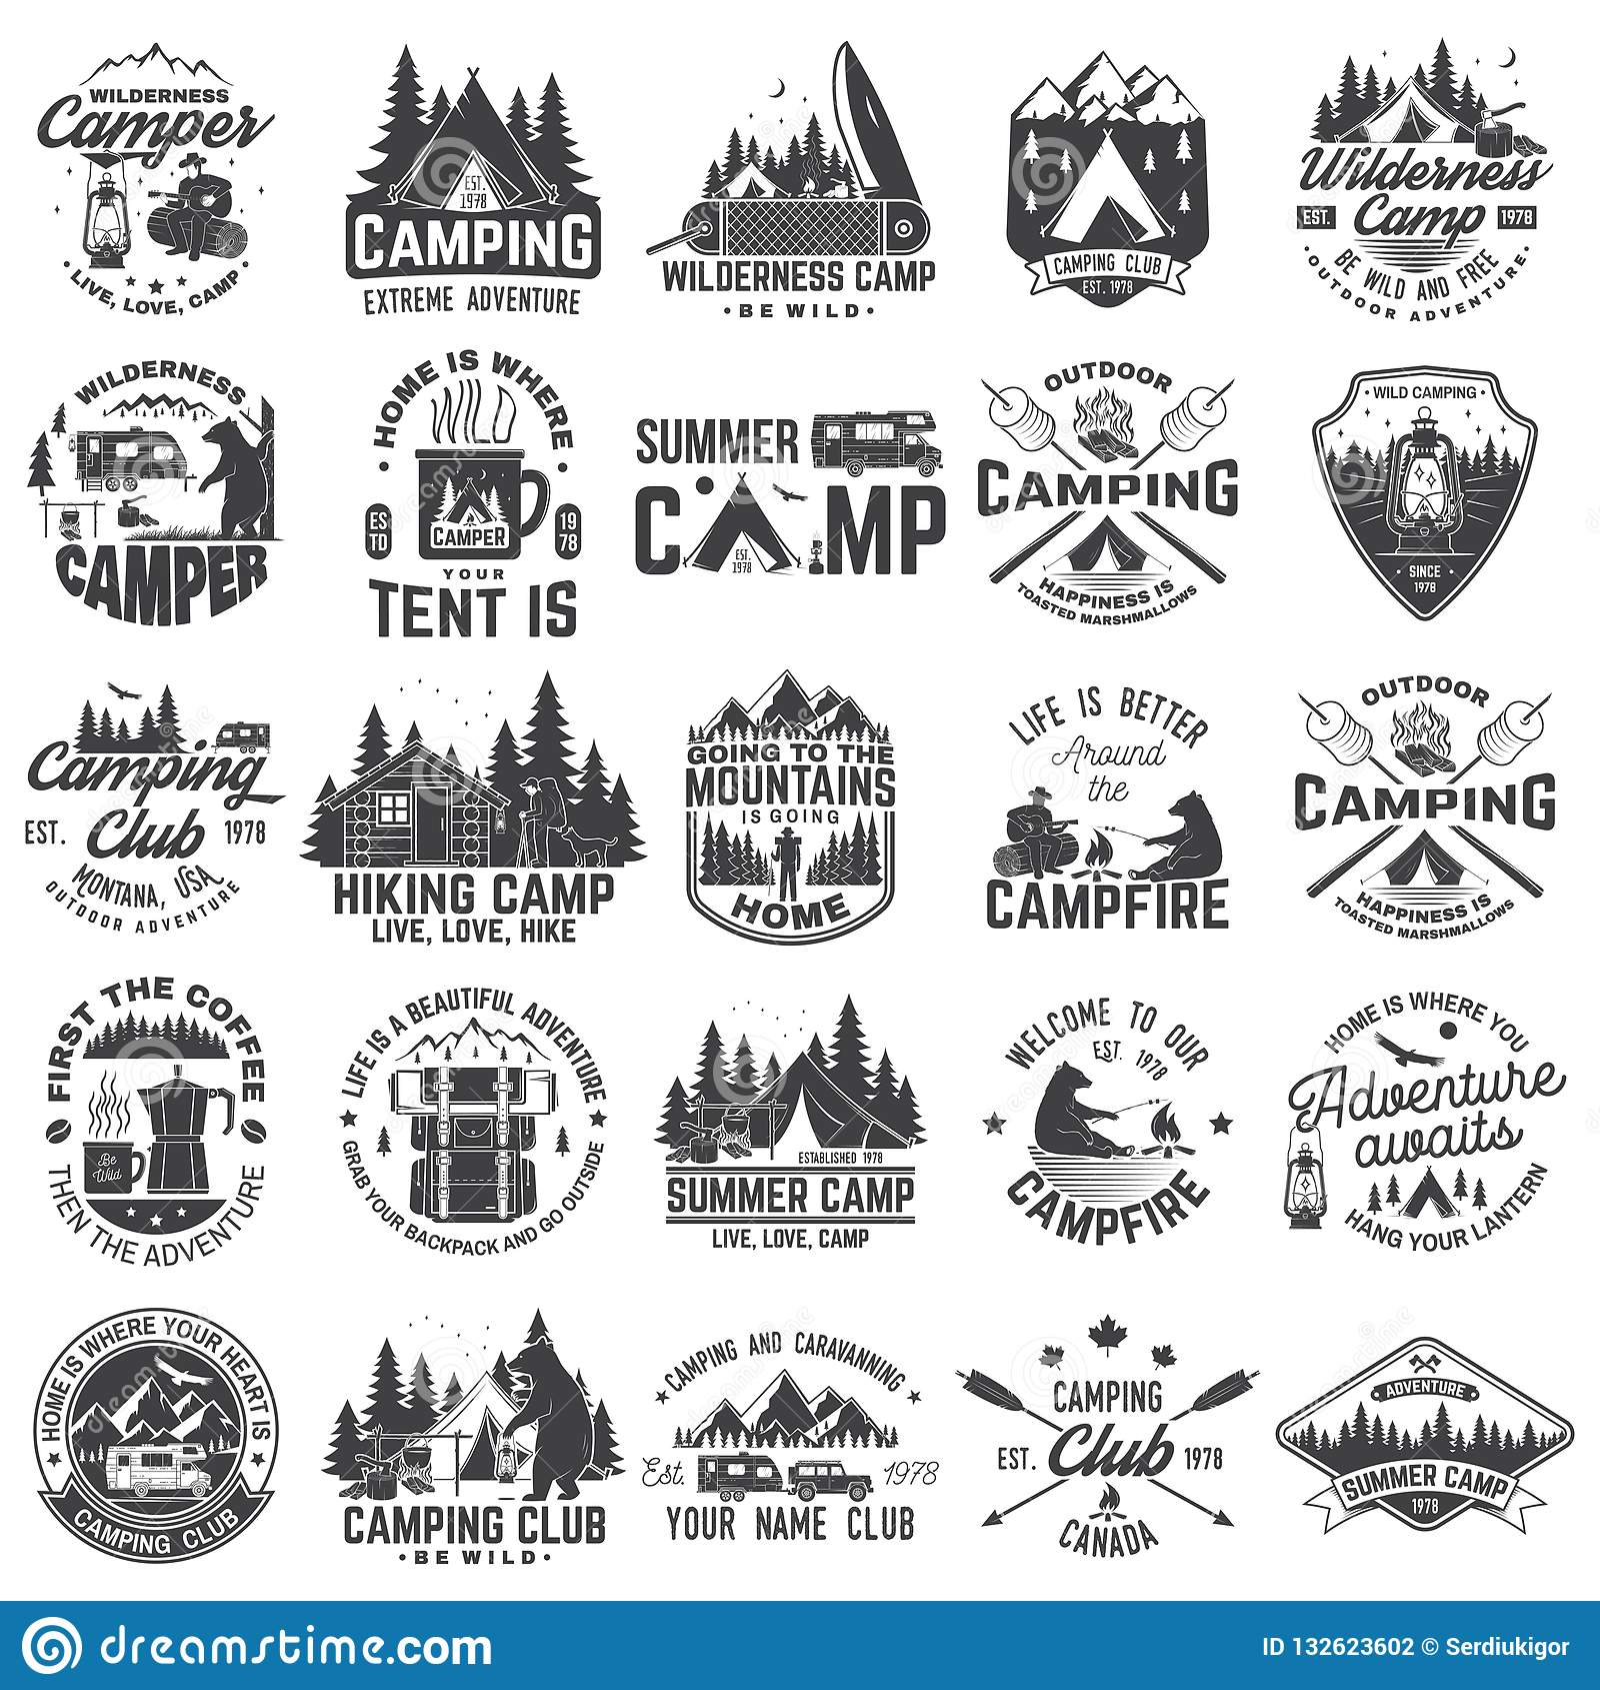 夏令营 向量 衬衣或补丁的,印刷品,邮票概念 葡萄酒与rv拖车,野营的帐篷的印刷术设计